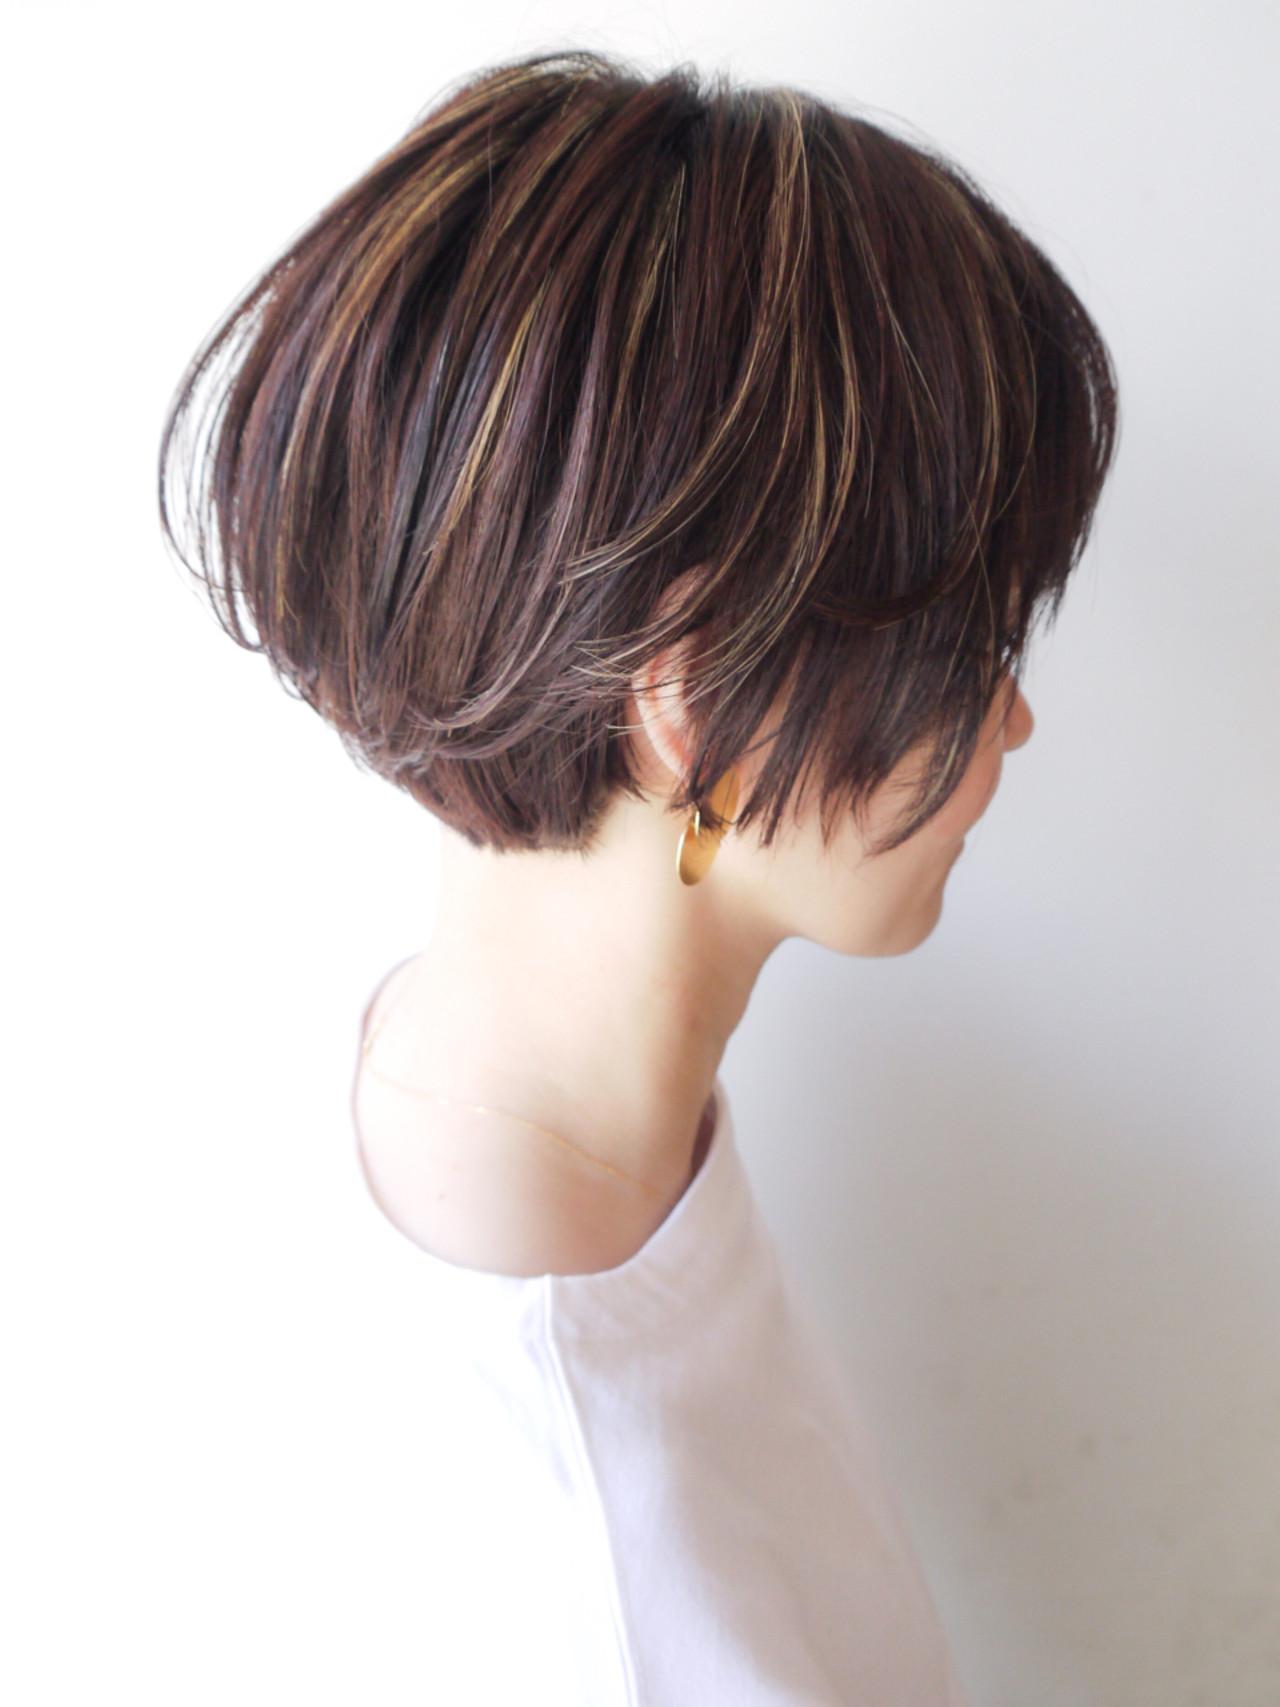 ショート オフィス ショートボブ ハイライト ヘアスタイルや髪型の写真・画像 | HIROKI / roijir / roijir